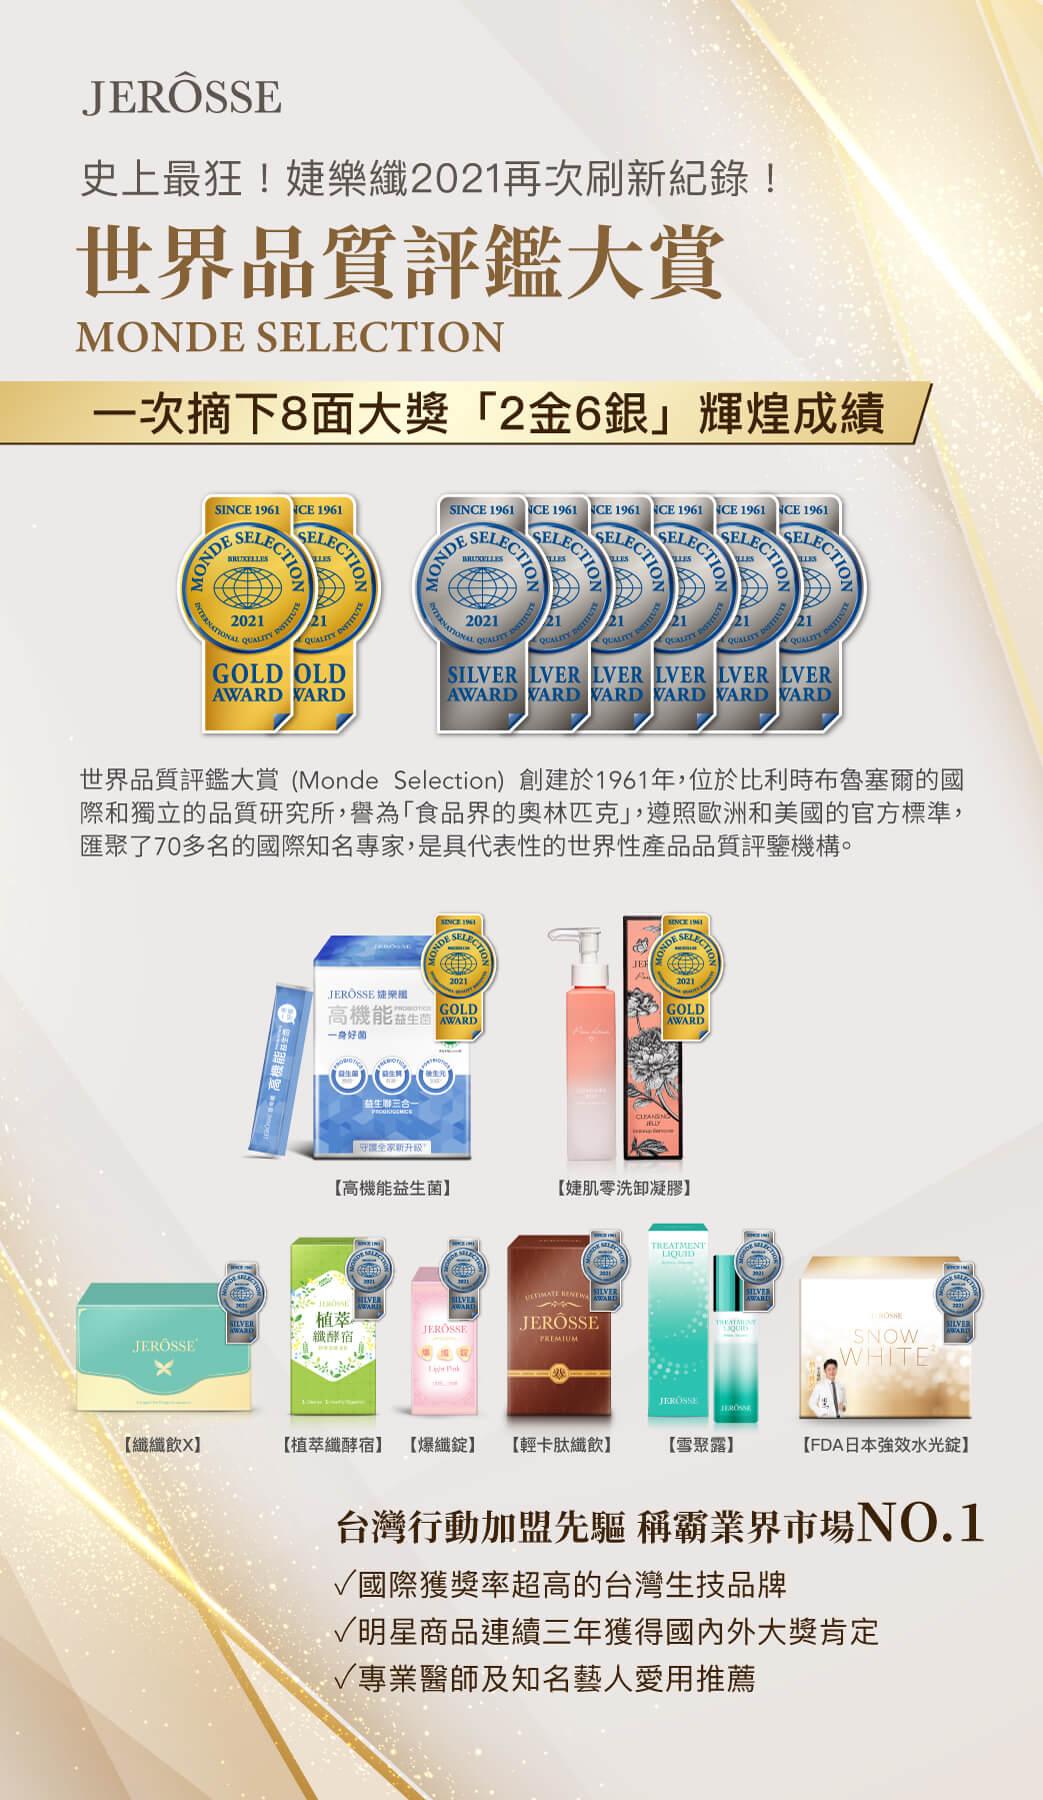 ▲婕樂纖2021世界品質評鑑大賞,2金6銀(共8面獎牌)